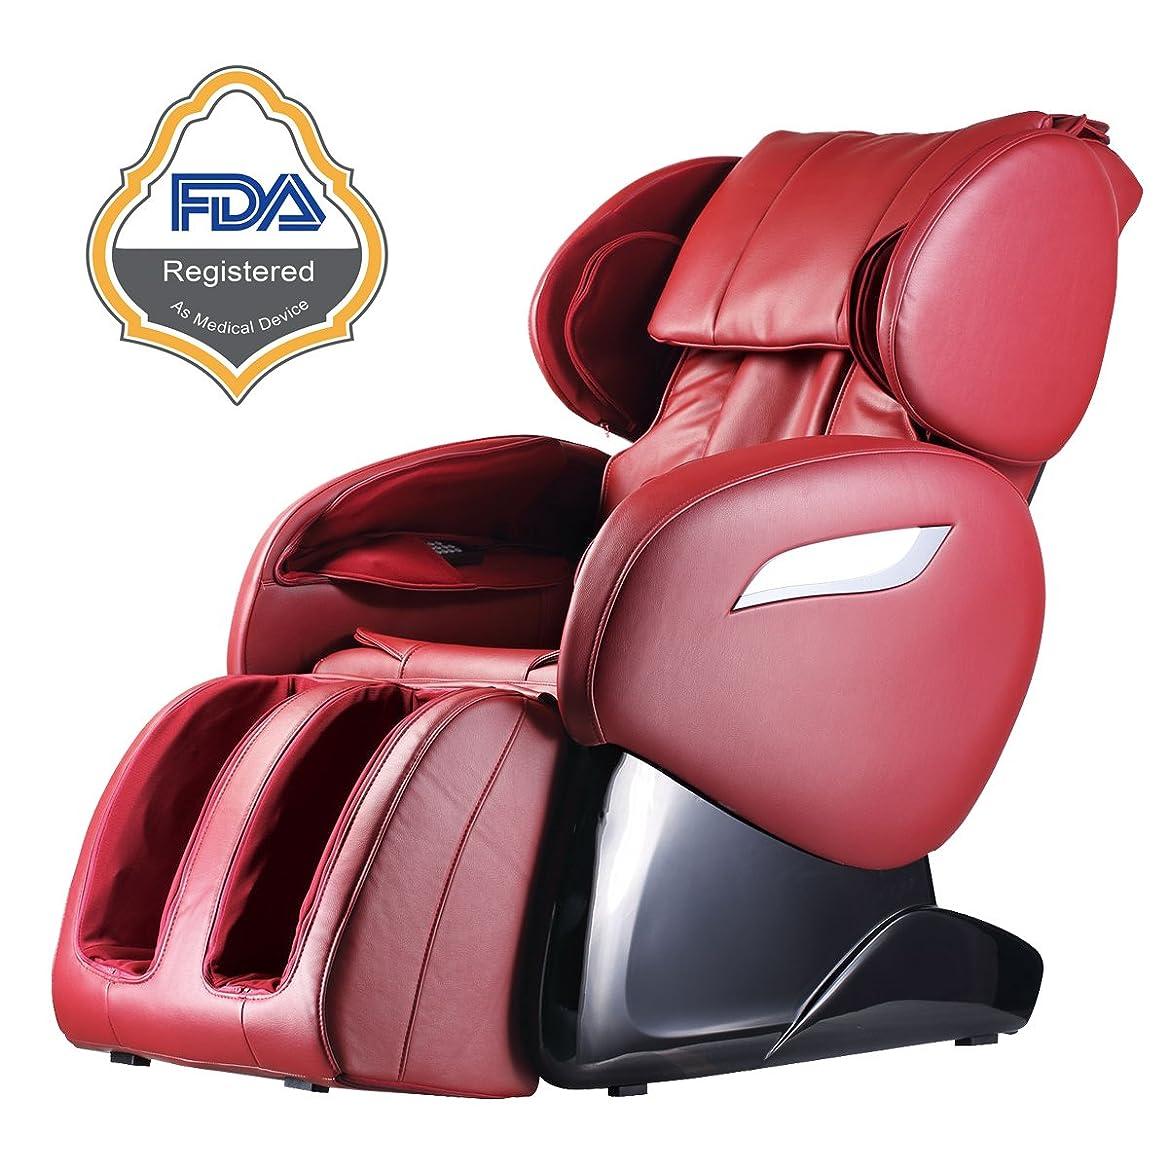 定義するラフ適切な2017電動フルボディ指圧マッサージ椅子足ローラーZero Gravity W /熱